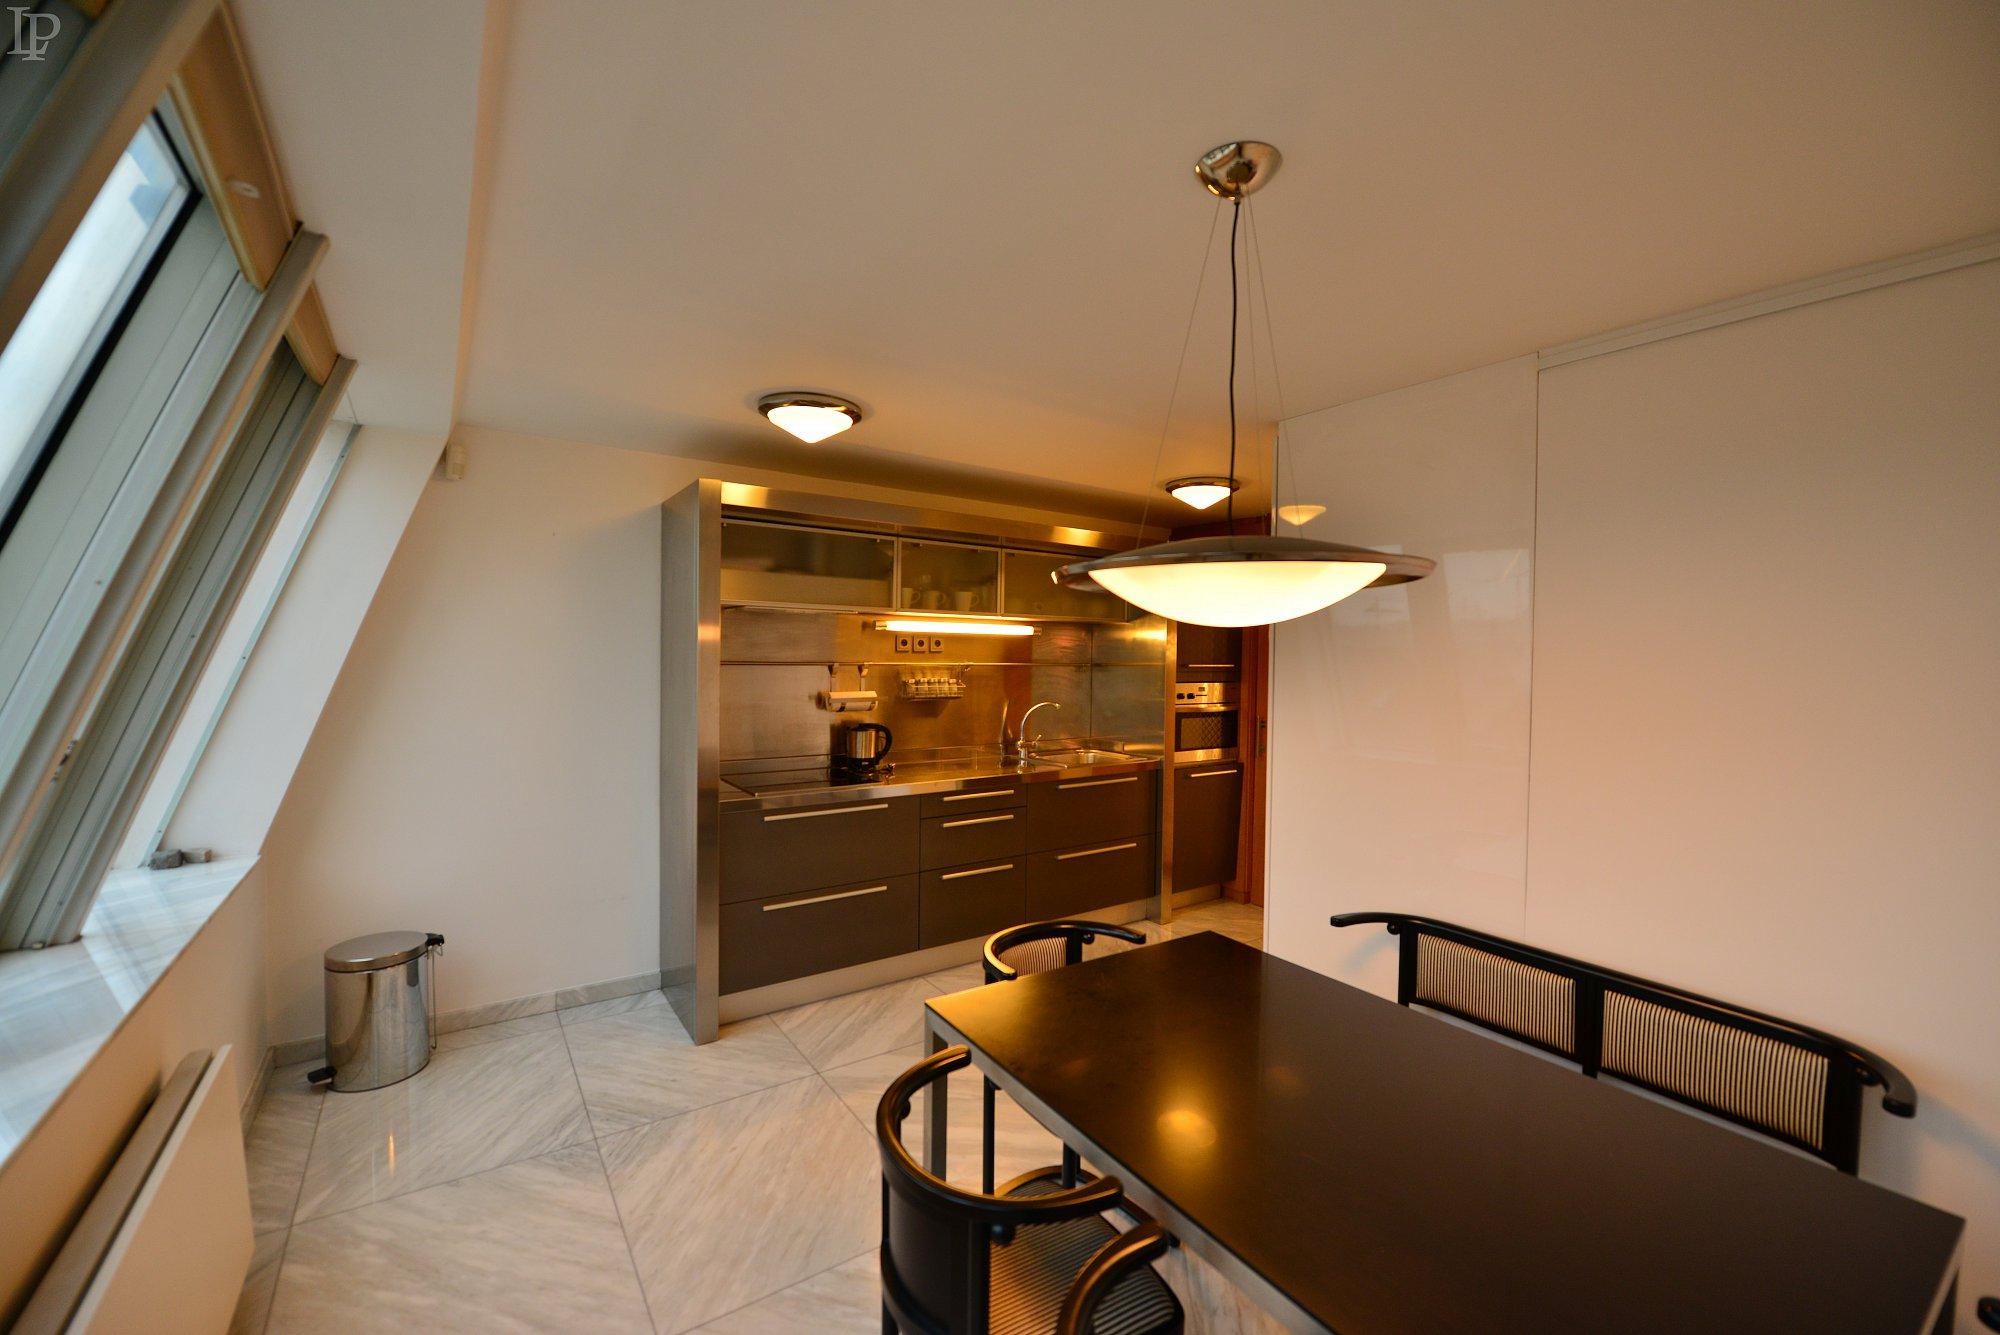 Designový apartmán s výhledem na Pražský hrad, Praha 1